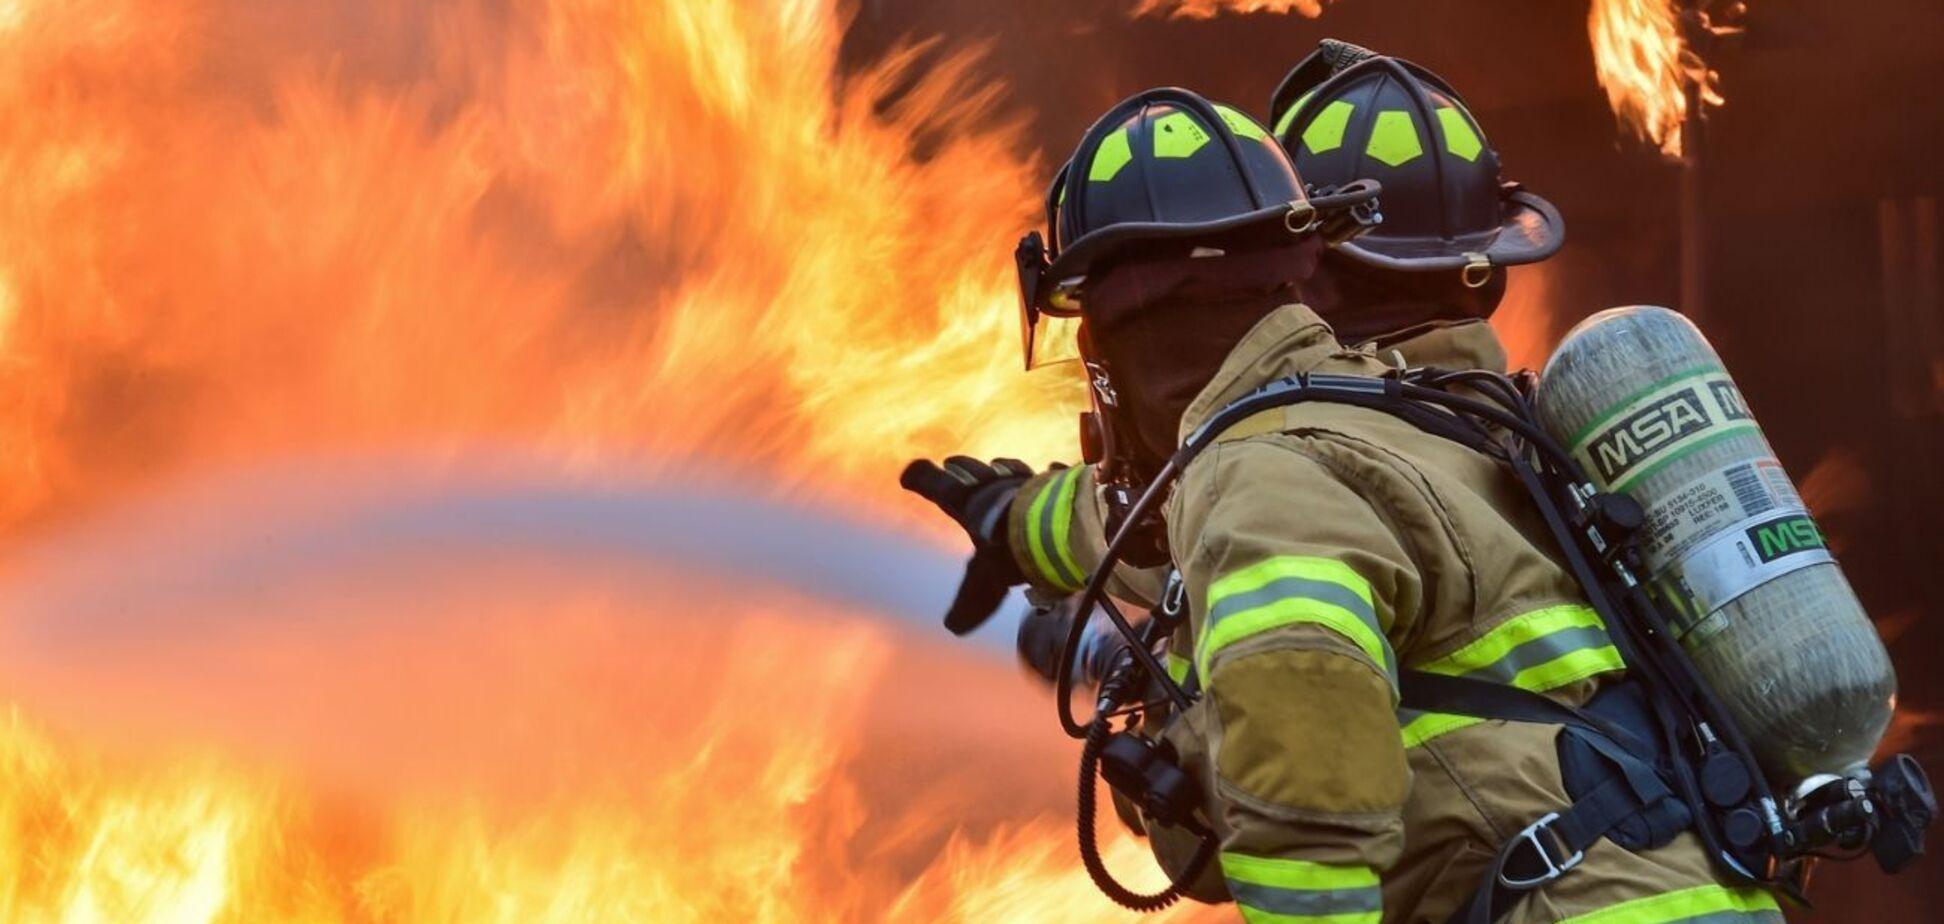 Під Дніпром чоловік загинув під час пожежі у власному будинку. Фото НП